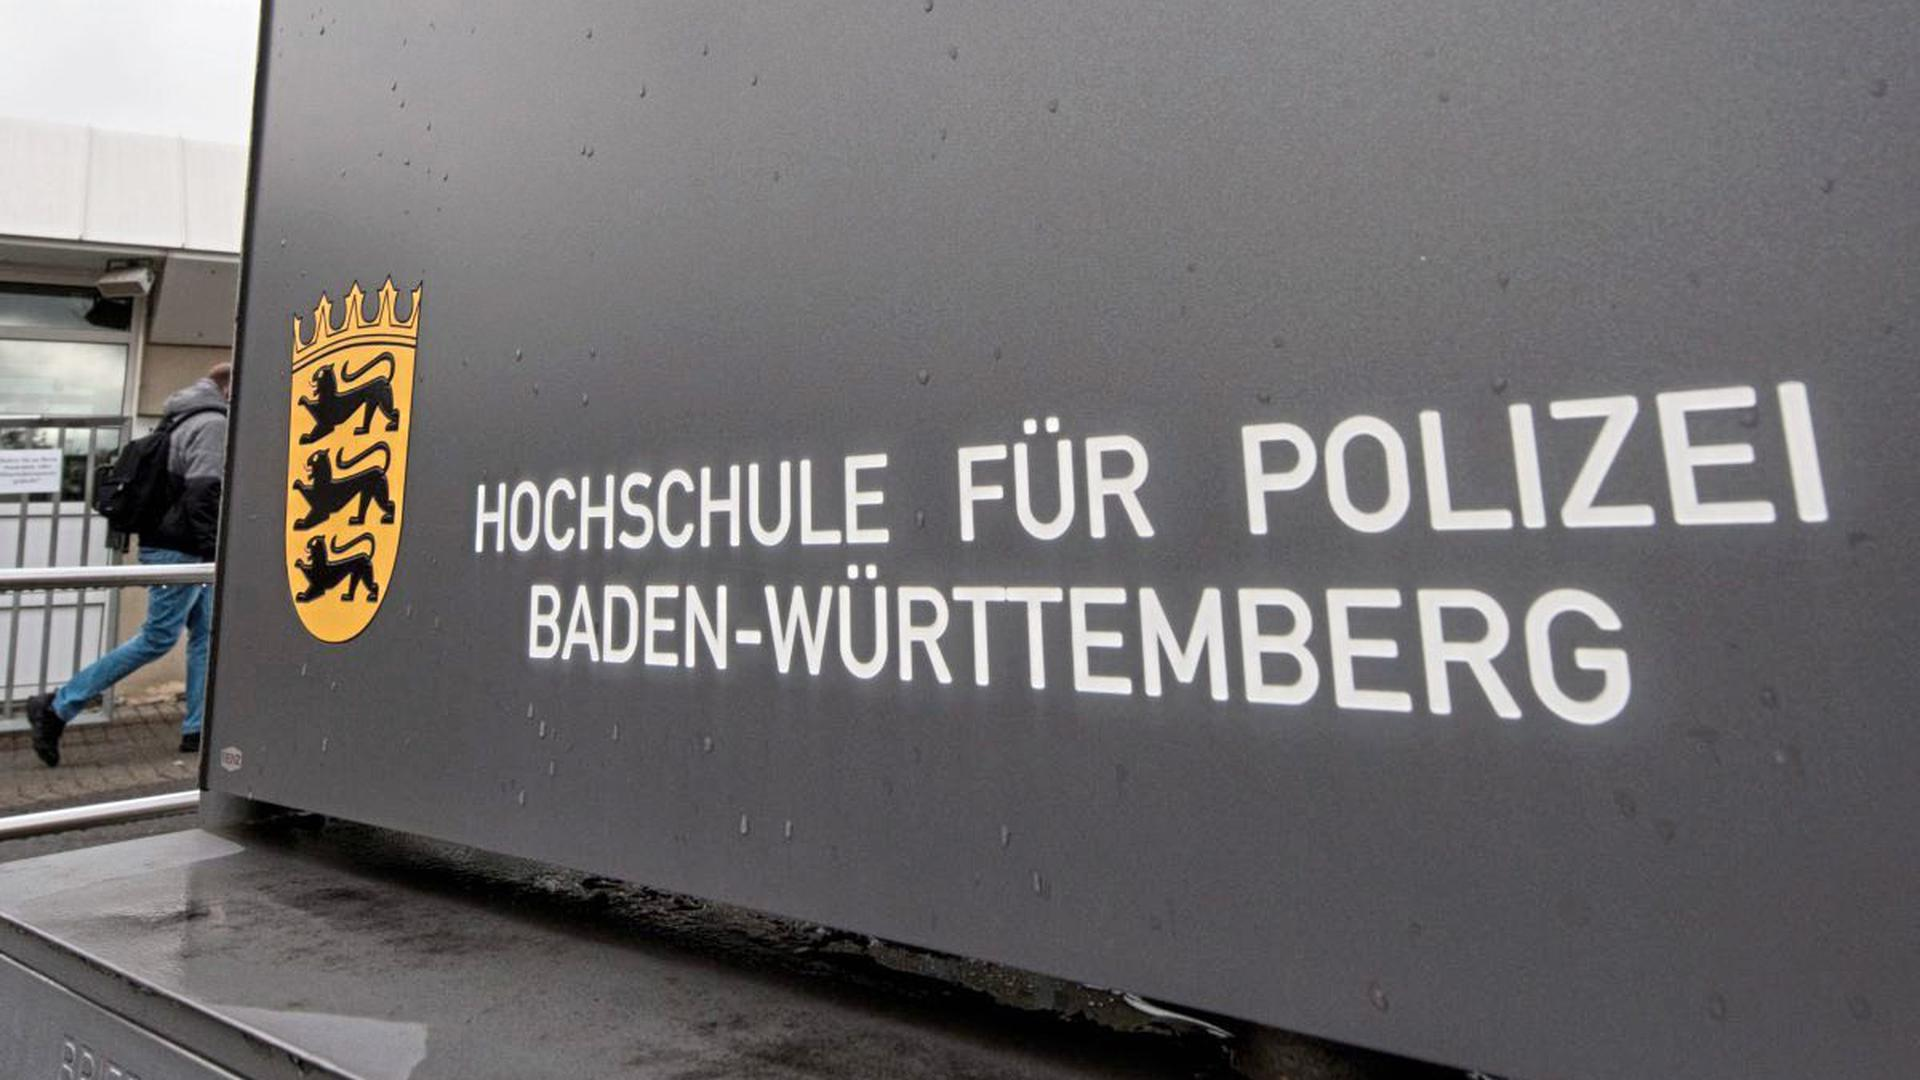 Polizeihochschule Baden-Württemberg